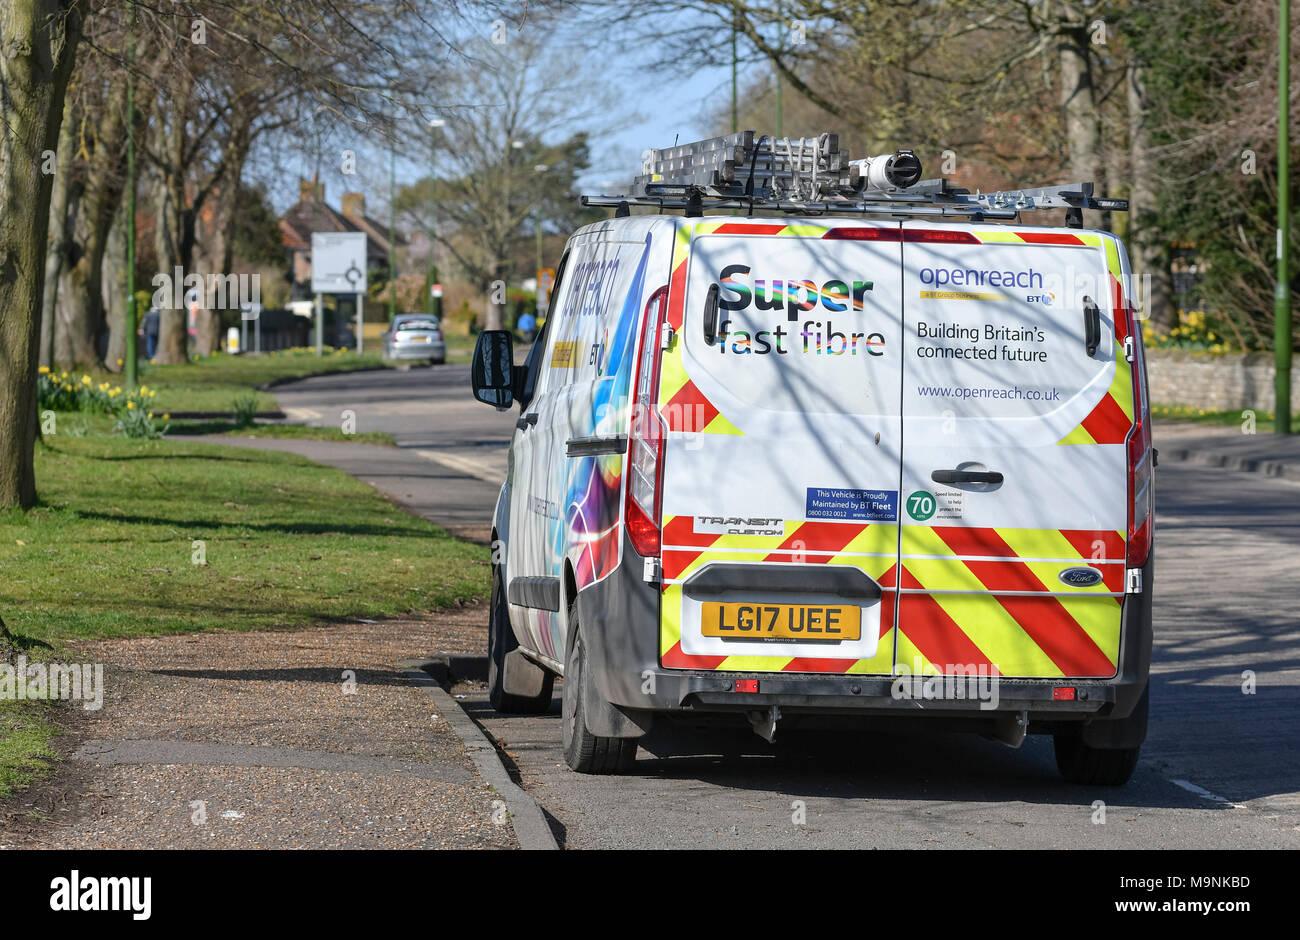 Openreach camioneta estacionada a la vera del camino y los ingenieros instalar Internet de banda ancha de fibra óptica (FTTC) a una casa residencial en Inglaterra, Reino Unido. Imagen De Stock